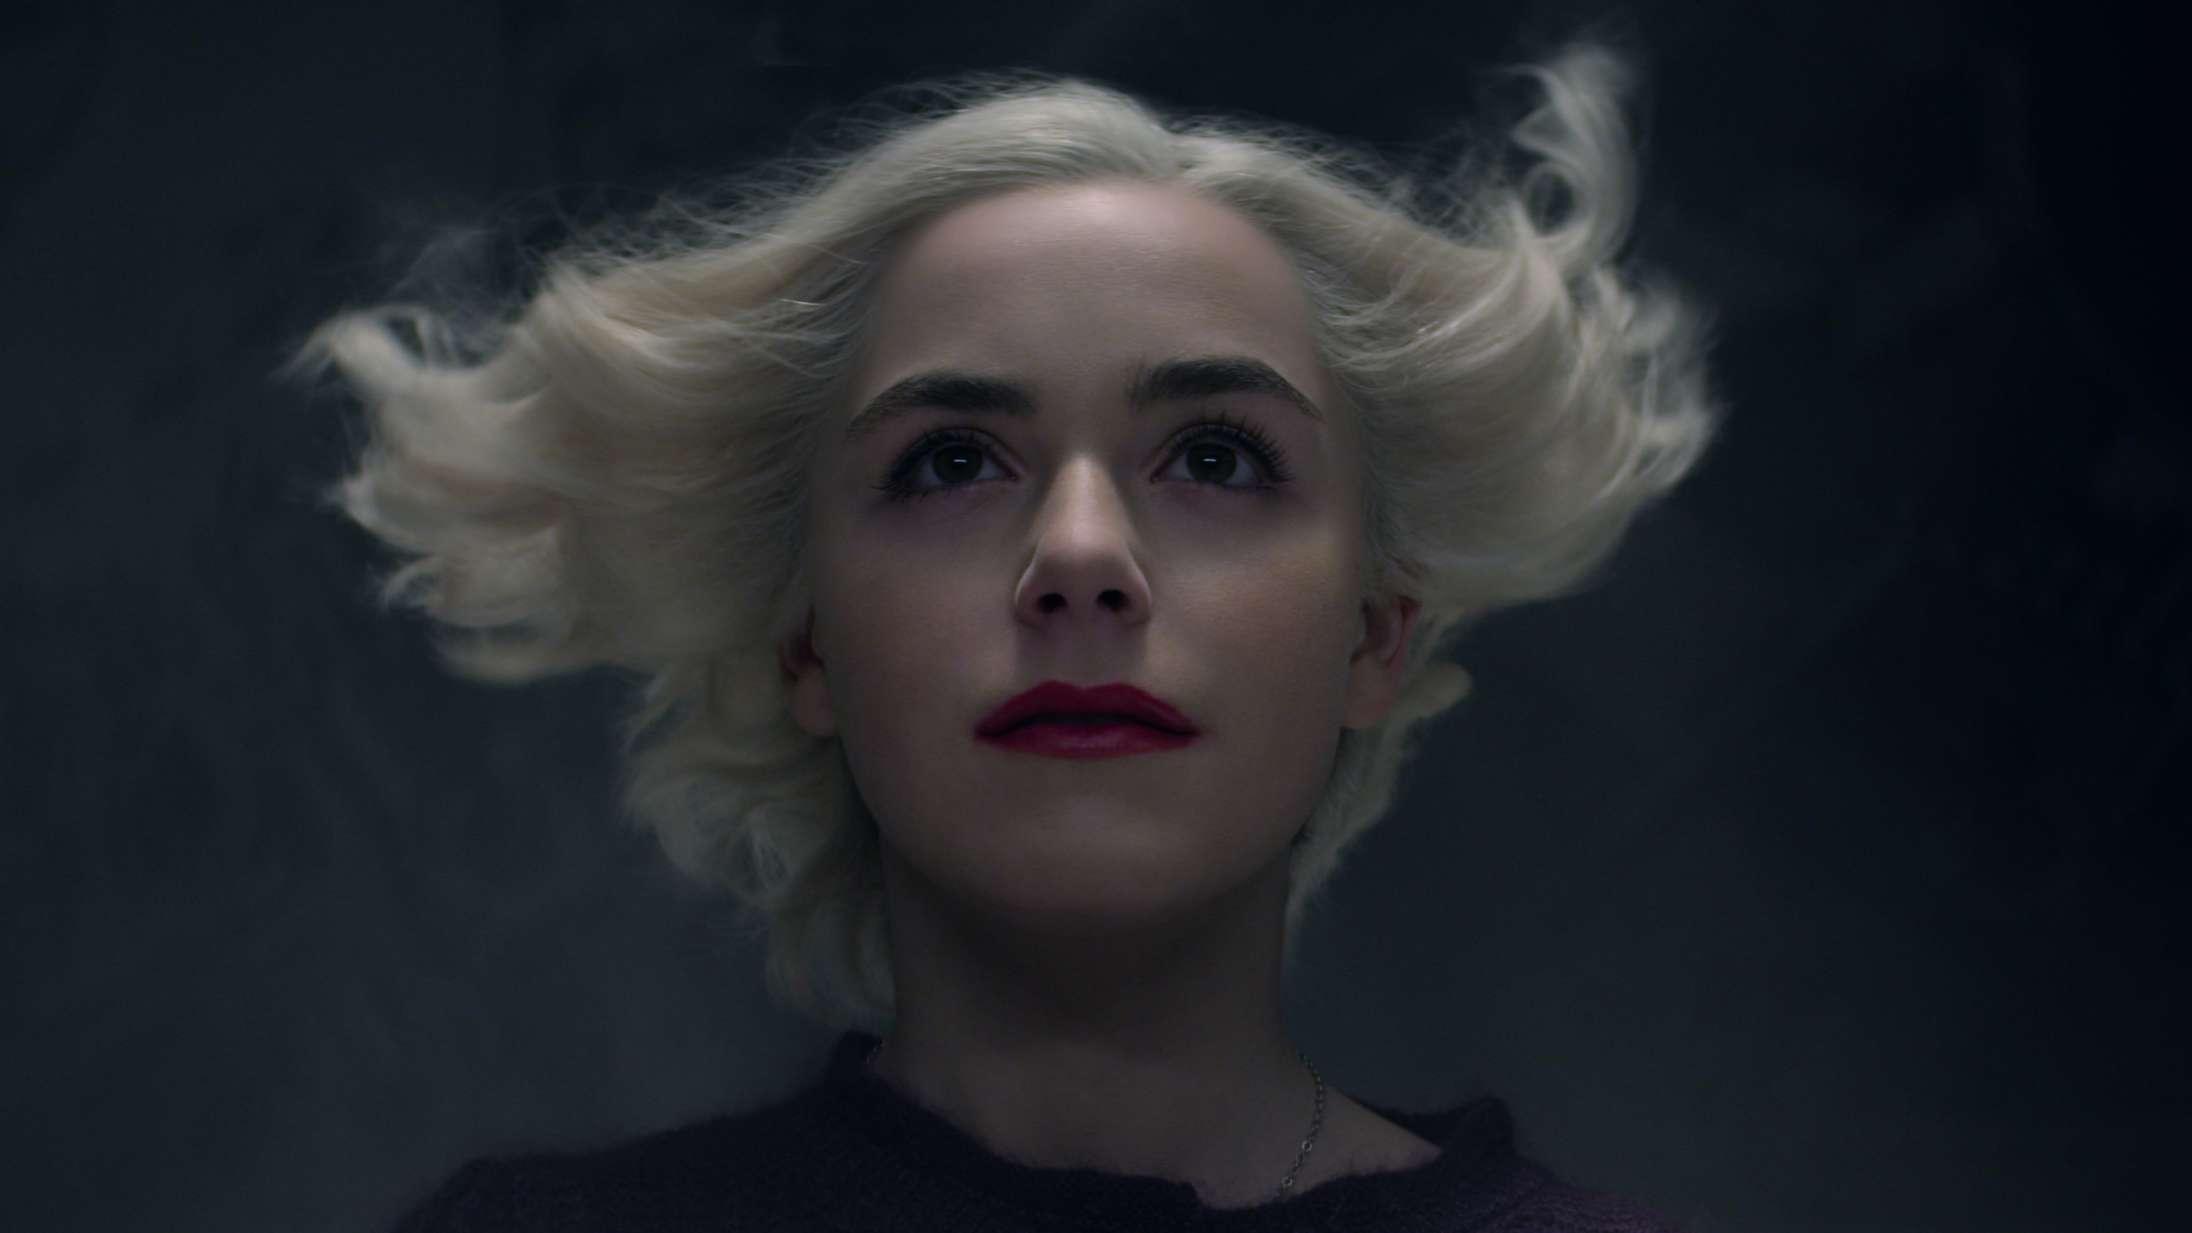 'Chilling Adventures of Sabrina' del 4: Netflix' hekseserie er stadig underholdendende – men slutter desværre for tidligt